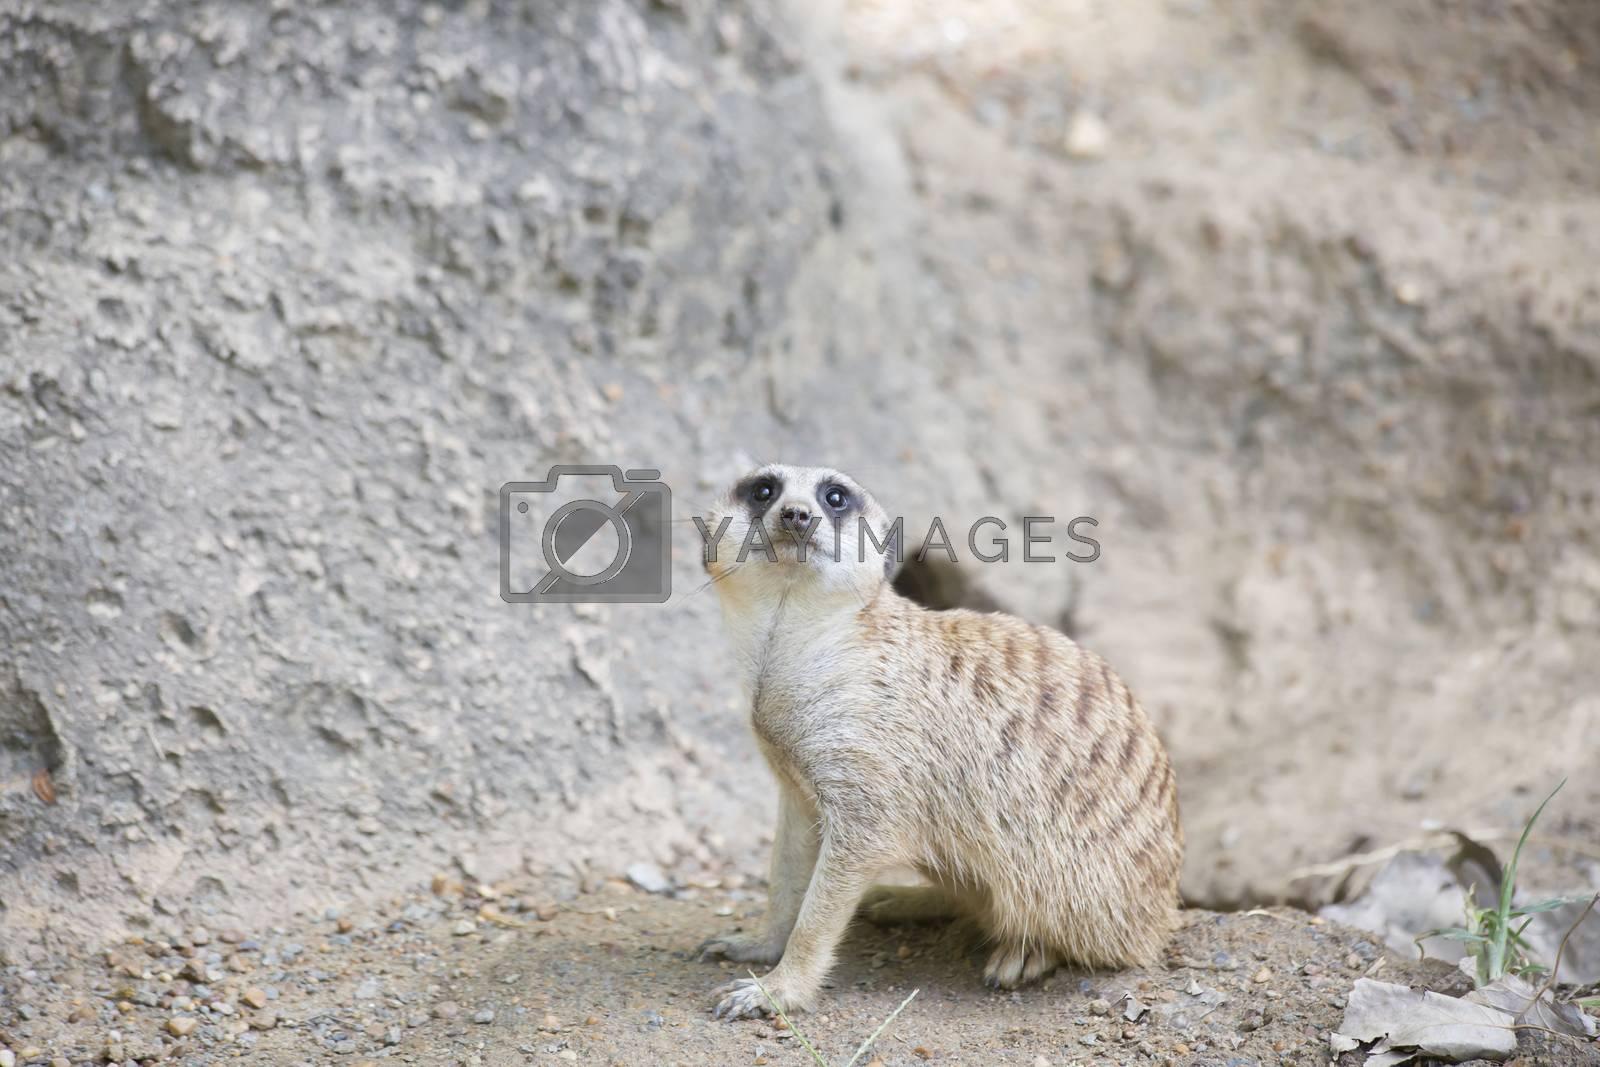 Meerkat looking around